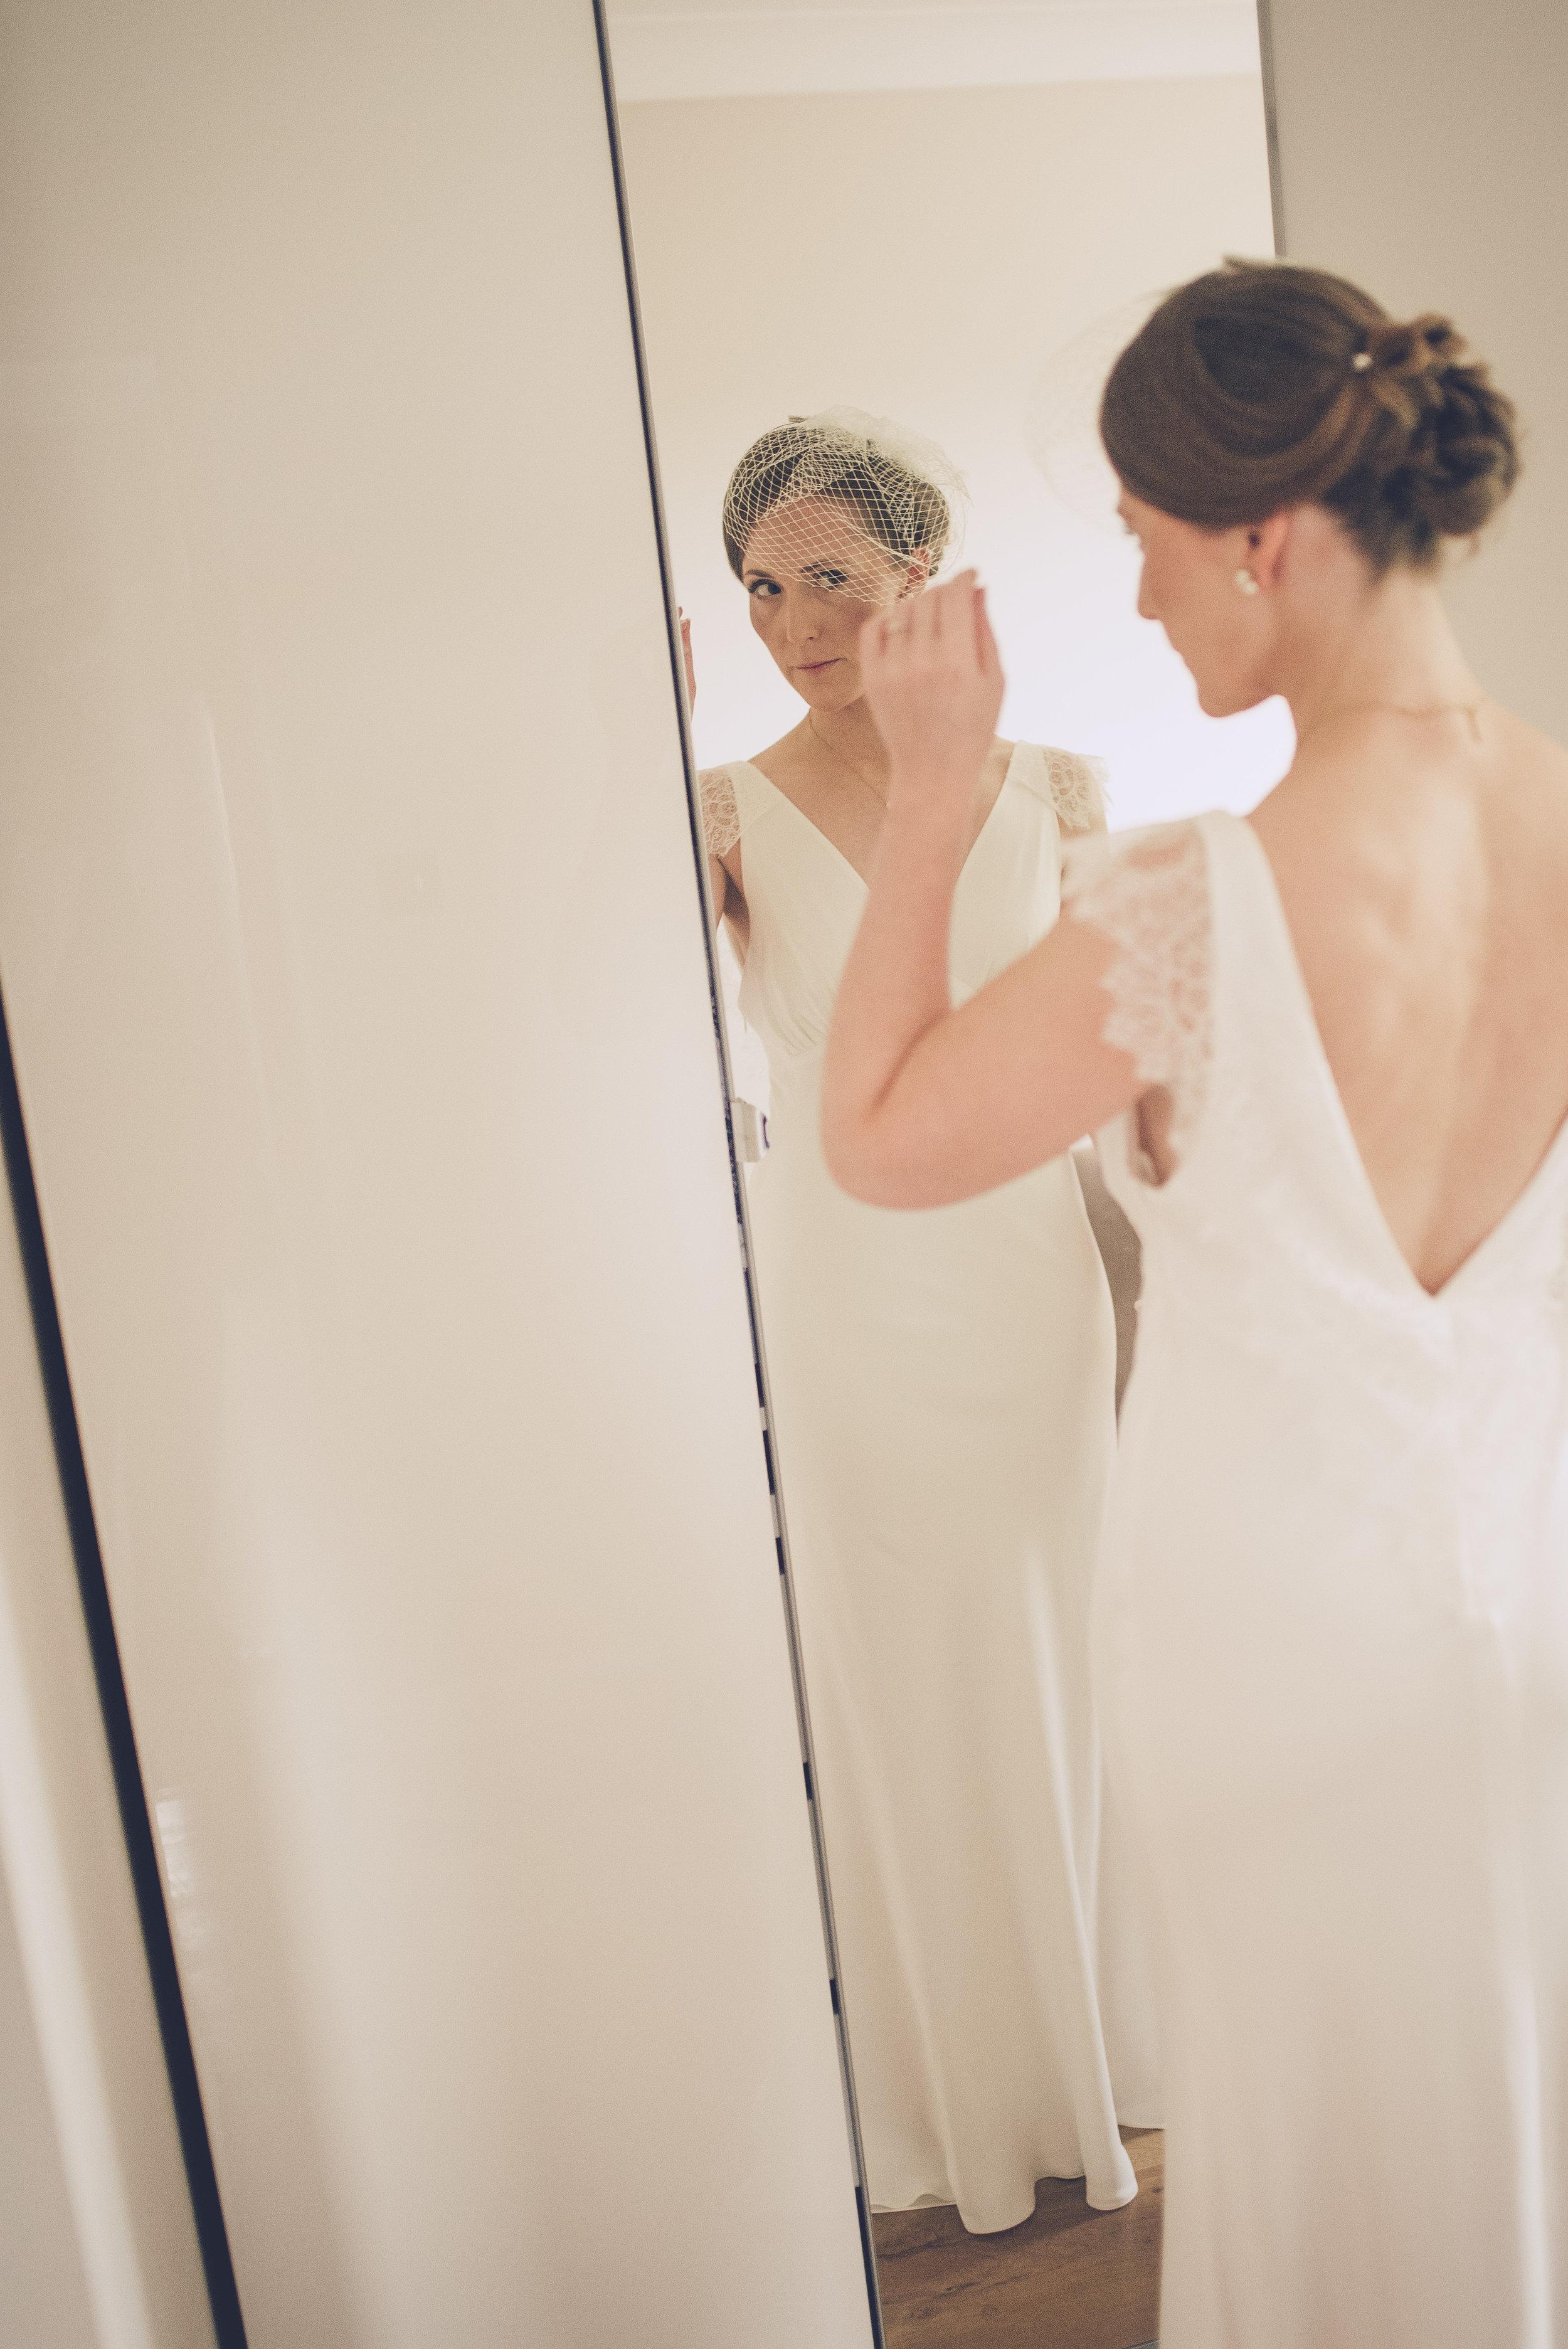 Sarah-Susanna-Greening-Bias-Vintage-Lace-Wedding-Dress-Bespoke-Matlock-Derbyshire-5